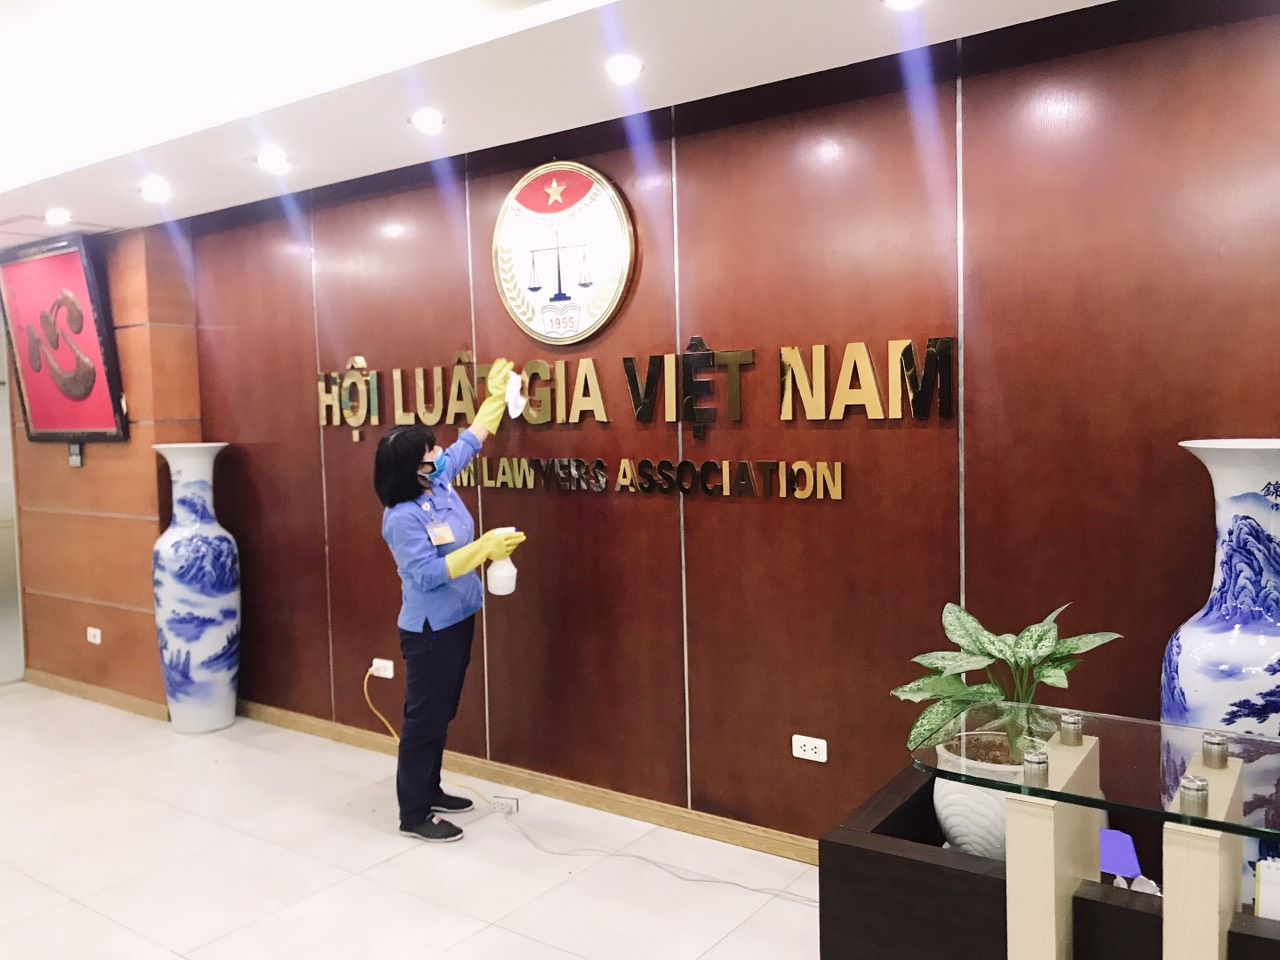 Tăng cường các biện pháp phòng, chống dịch Covid-19 tại Trụ sở cơ quan Trung ương Hội Luật gia Việt Nam - Ảnh 2